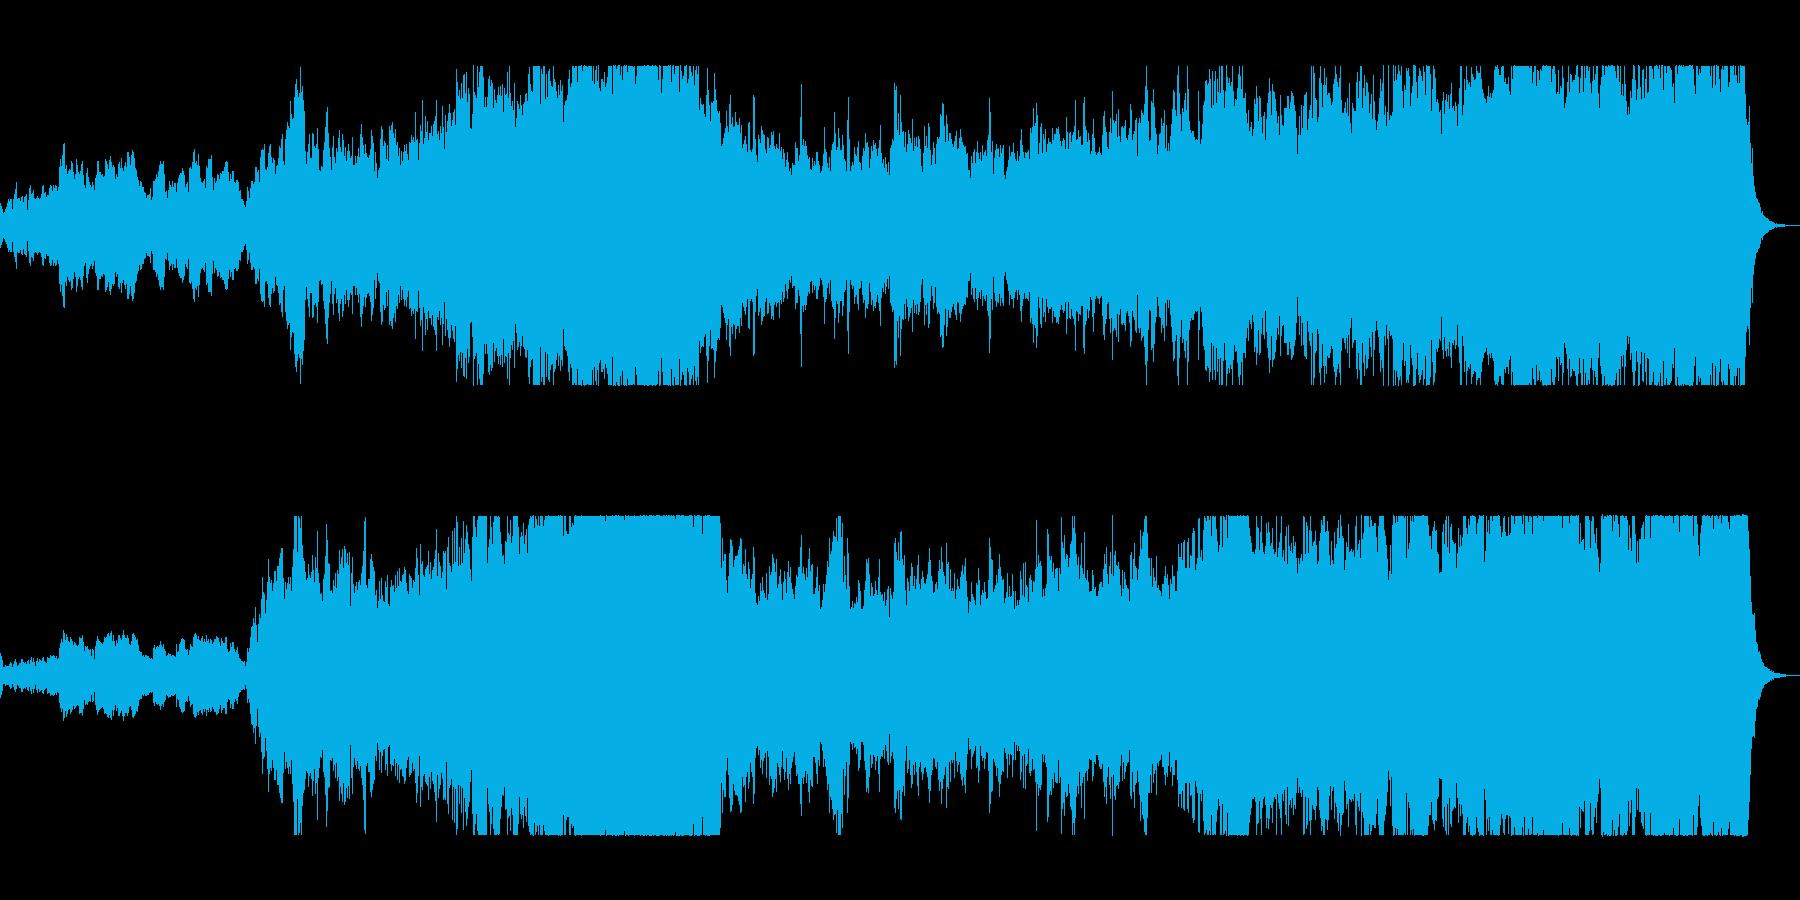 雄大で豪華なシンセ管楽器サウンドの再生済みの波形